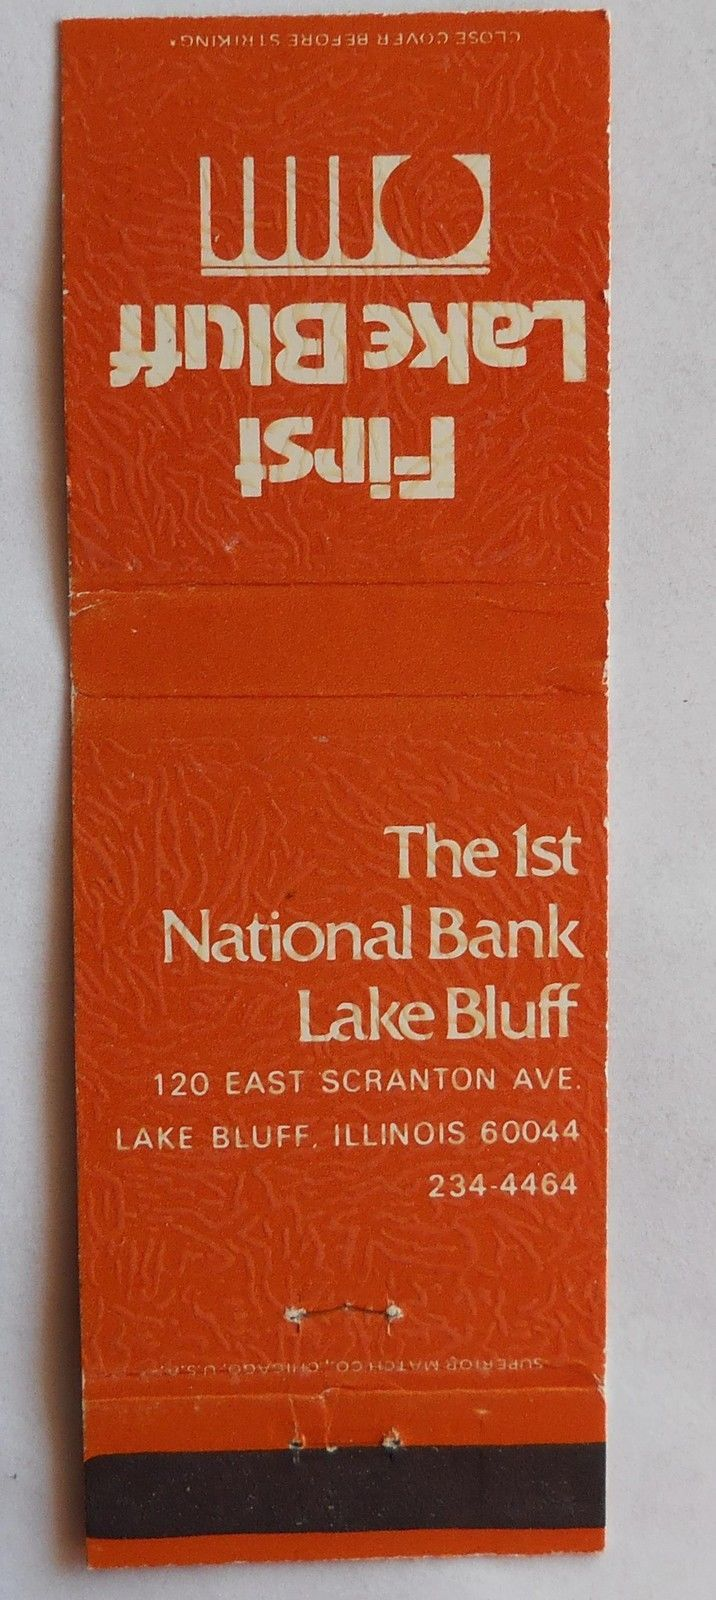 298. 1ST NATIONAL BANK LAKE BLUFF, LAKE BLUFF,IL Lake